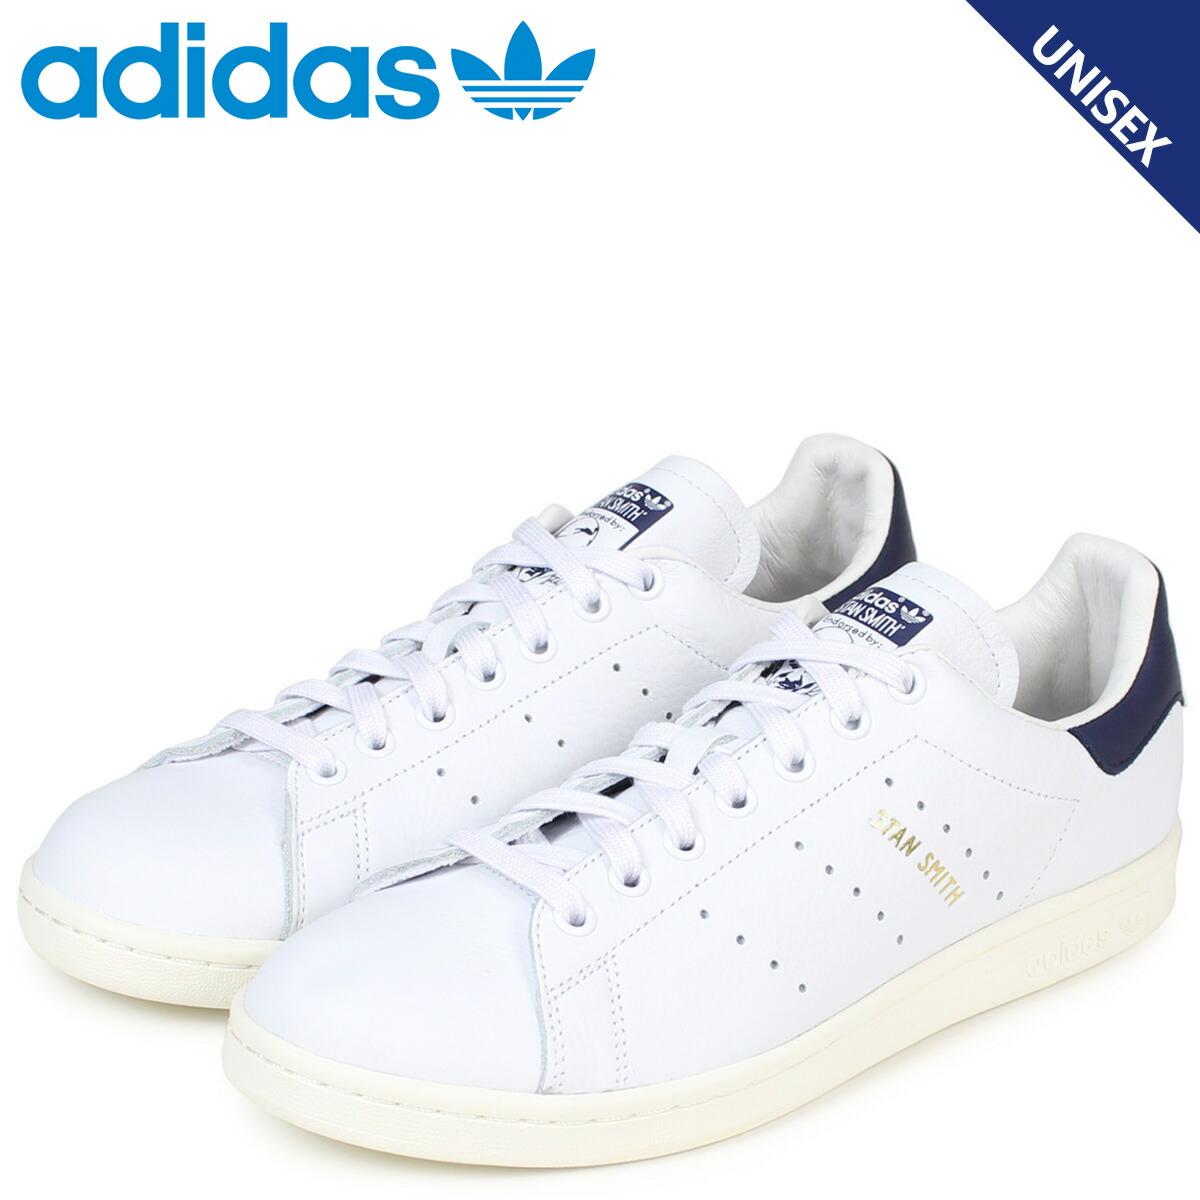 アディダス スタンスミス adidas Originals スニーカー STAN SMITH メンズ CQ2870 靴 ホワイト [予約商品 2/6頃入荷予定 追加入荷]